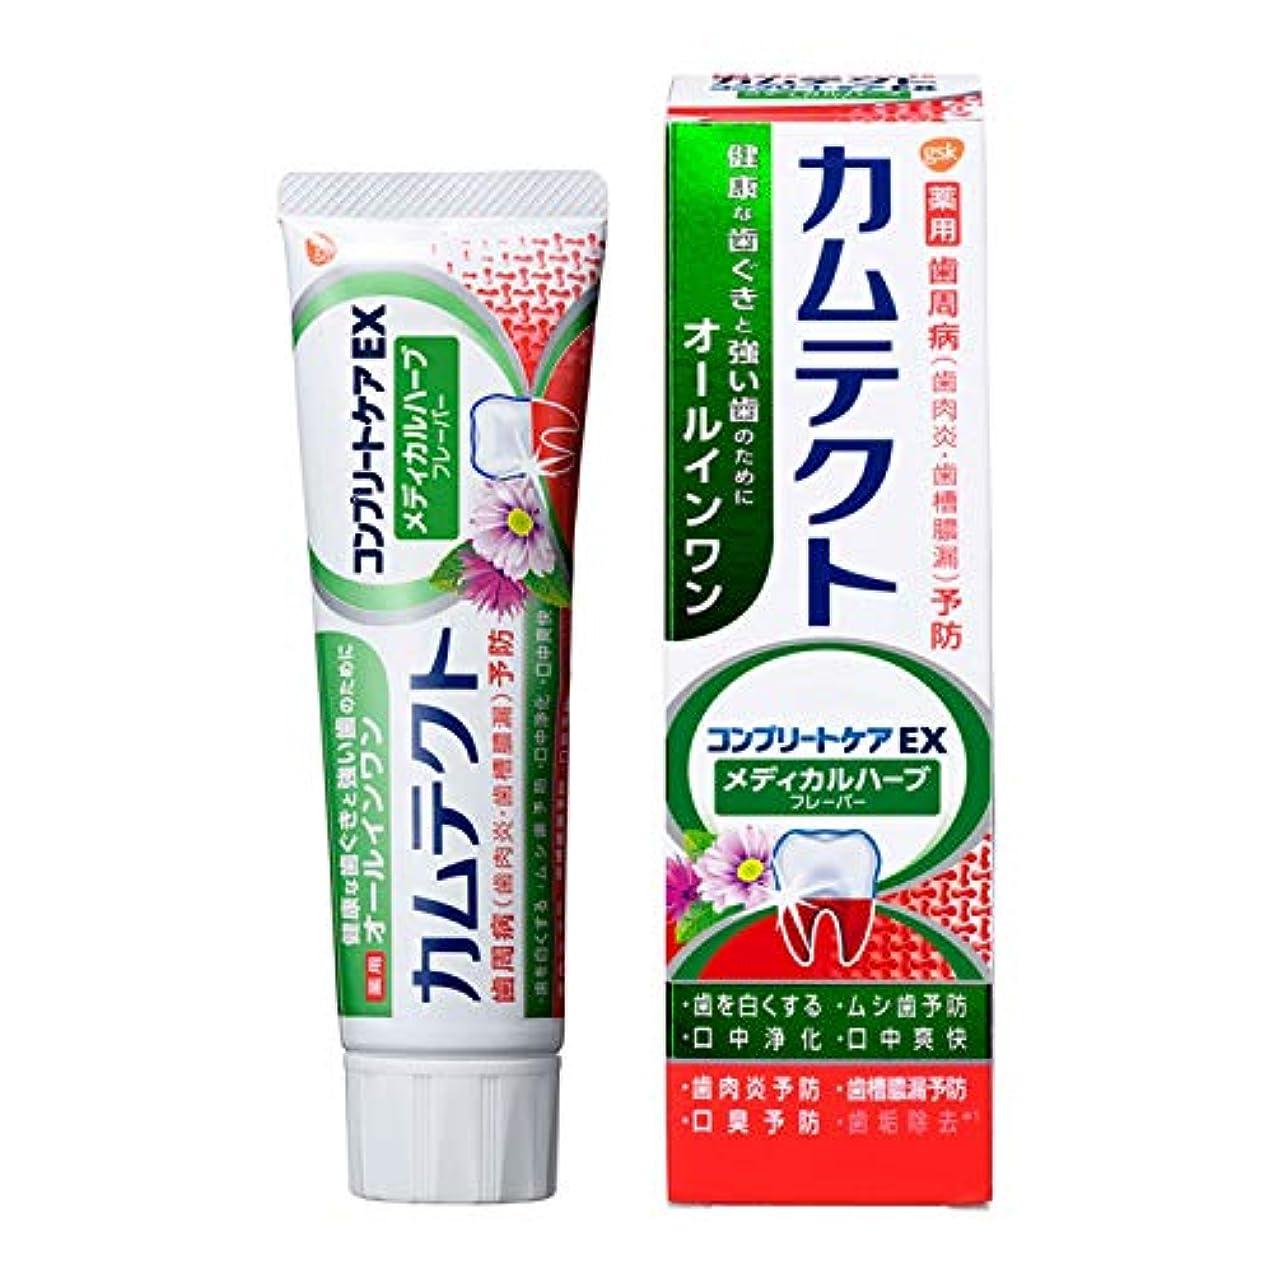 悔い改め準拠死すべき[医薬部外品] カムテクト コンプリートケアEX メディカルハーブフレーバー 歯磨き粉 105g 1個